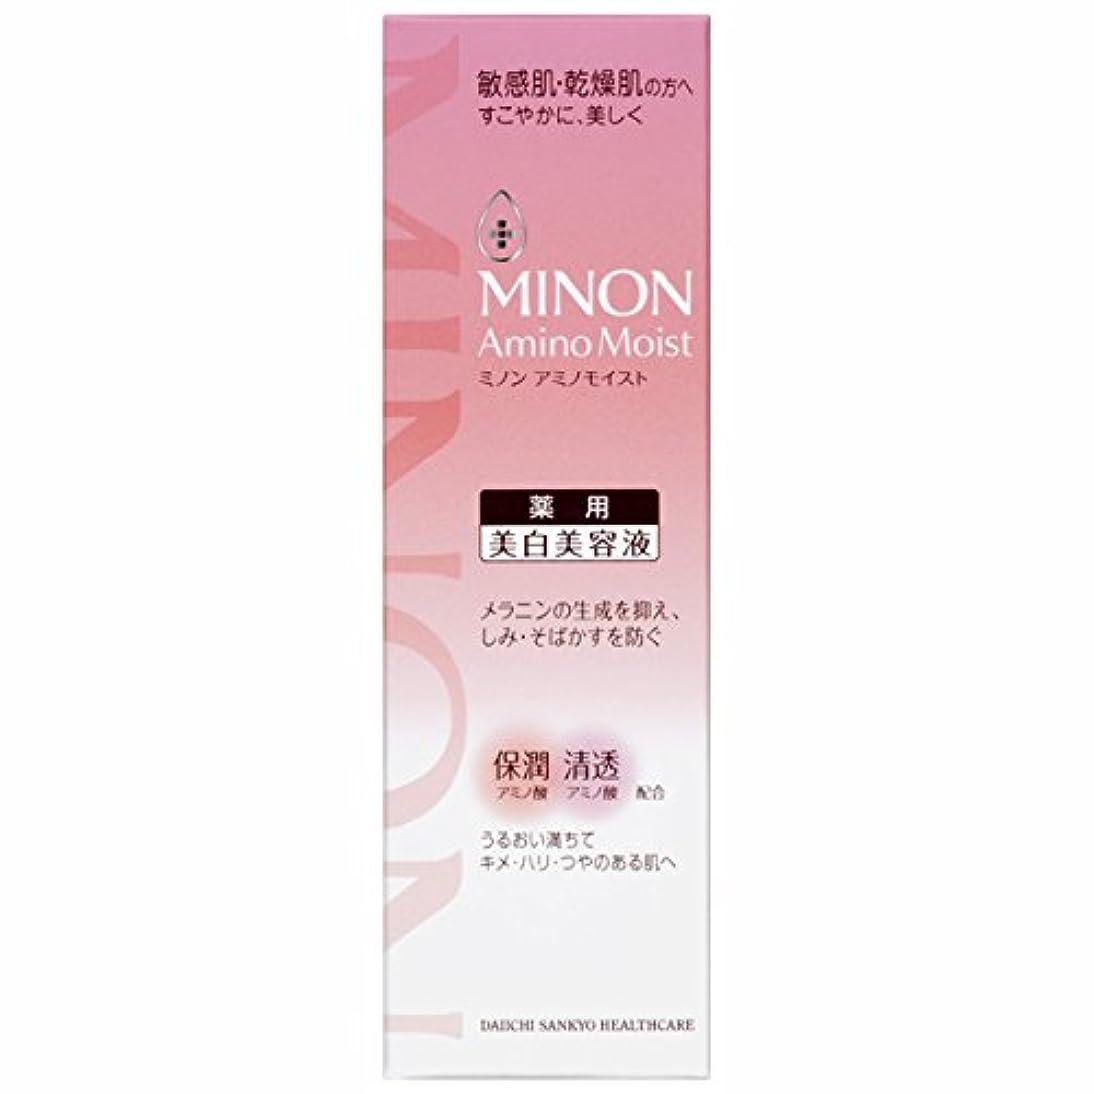 規制ポーター普遍的なミノン アミノモイスト 薬用マイルド ホワイトニング 30g (医薬部外品)